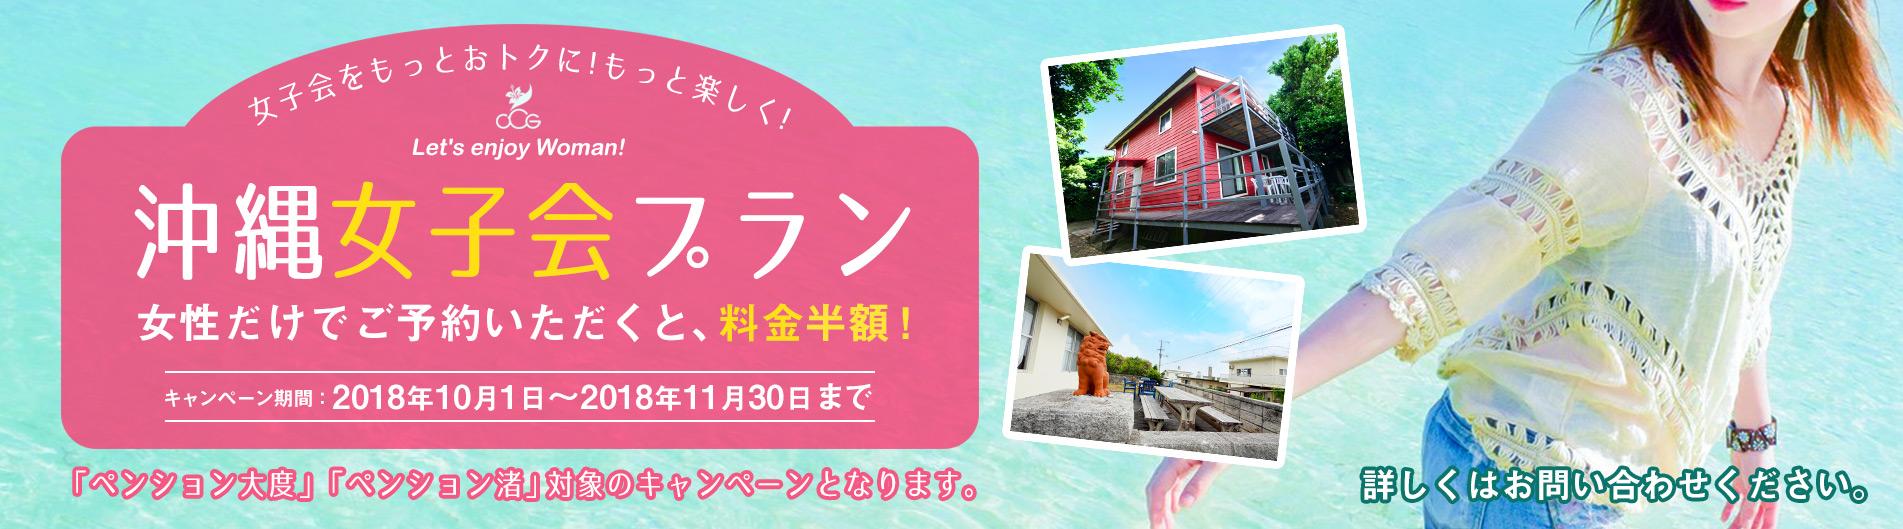 沖縄の宿泊施設